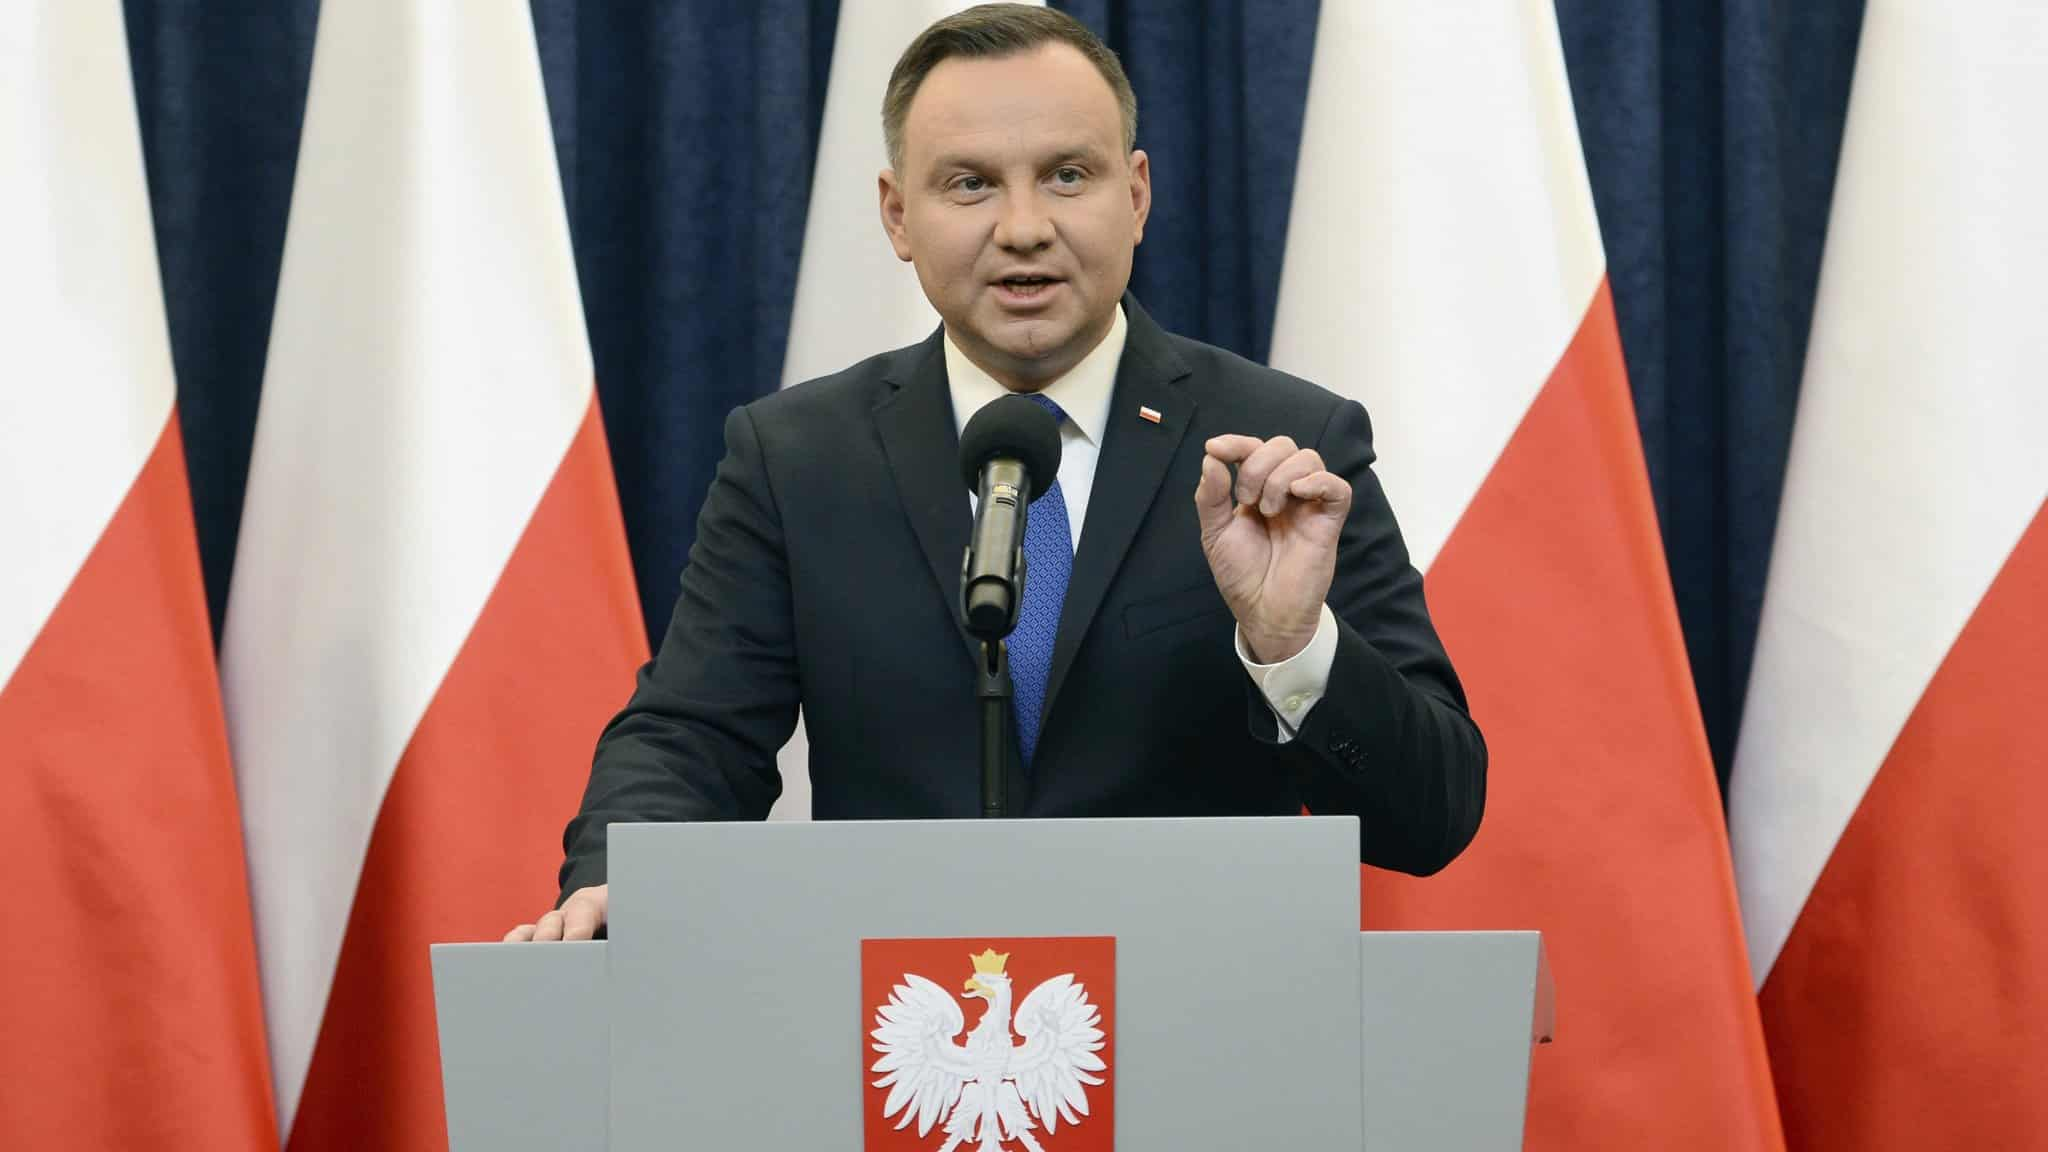 Război între Polonia și CE: Un comisar european vrea întâietatea dreptului european în fața Constituției – 60m.ro